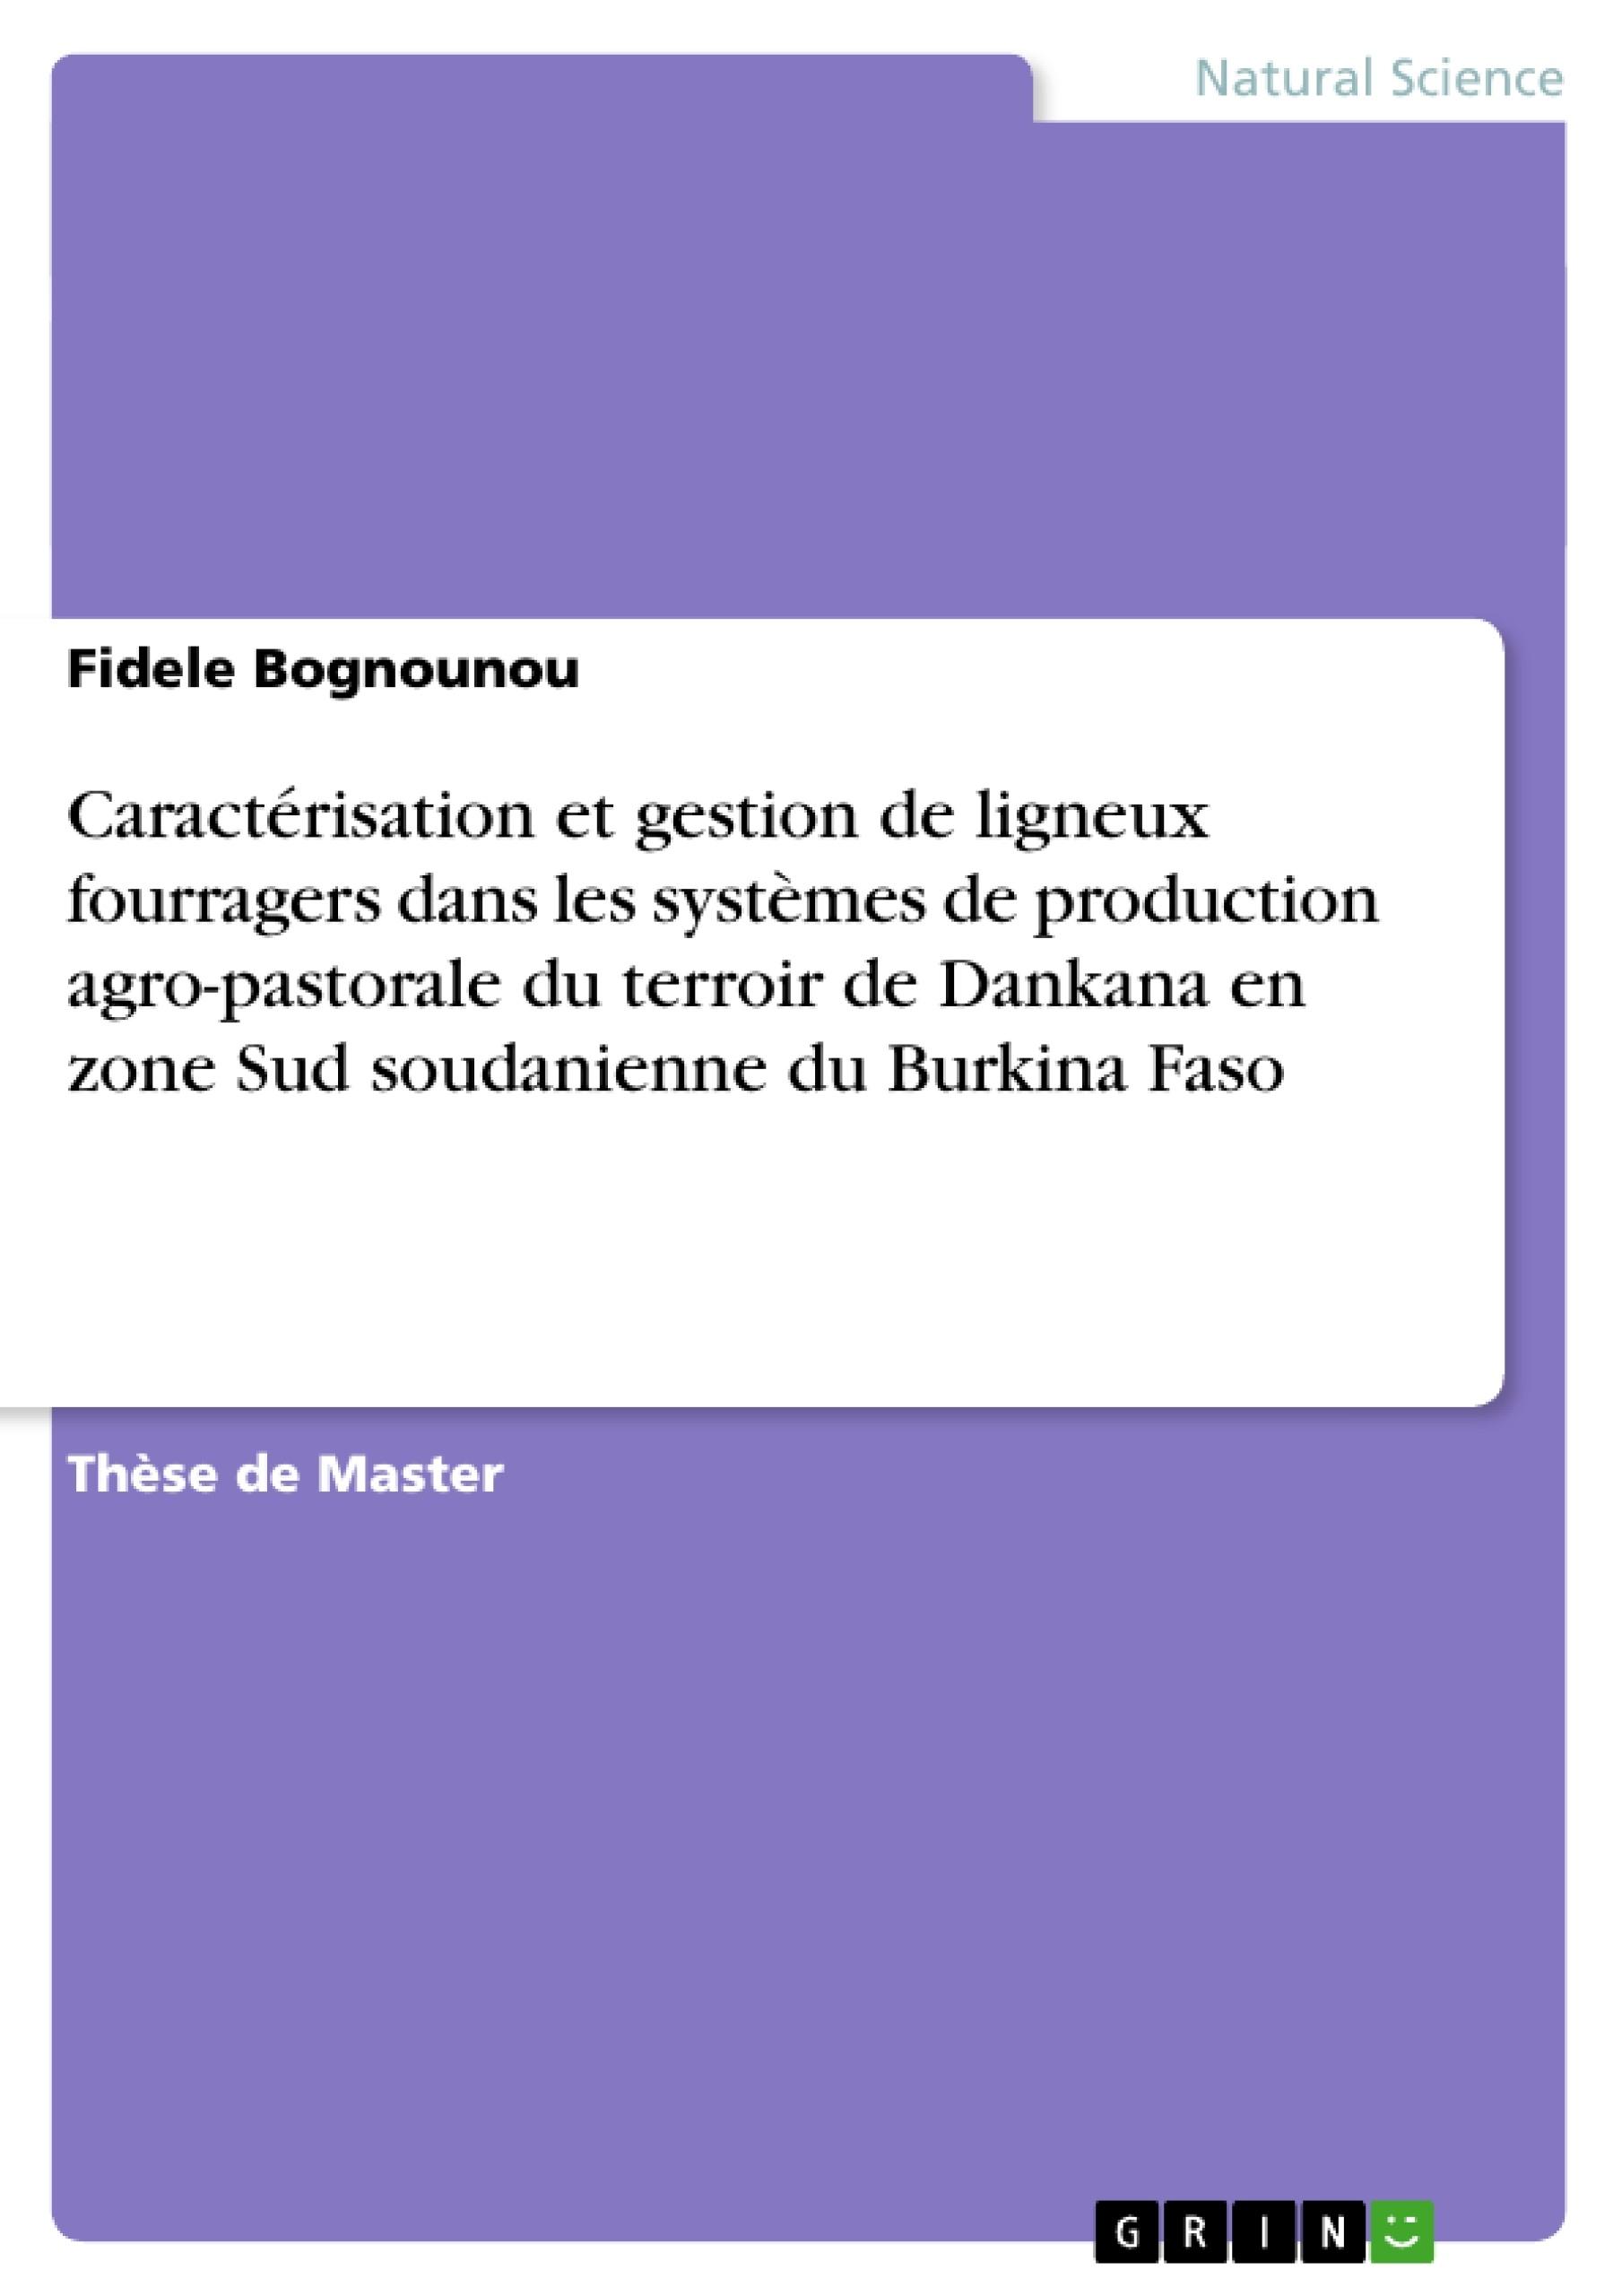 Titre: Caractérisation et gestion de ligneux fourragers dans les systèmes de production agro-pastorale du terroir de Dankana en zone Sud soudanienne du Burkina Faso